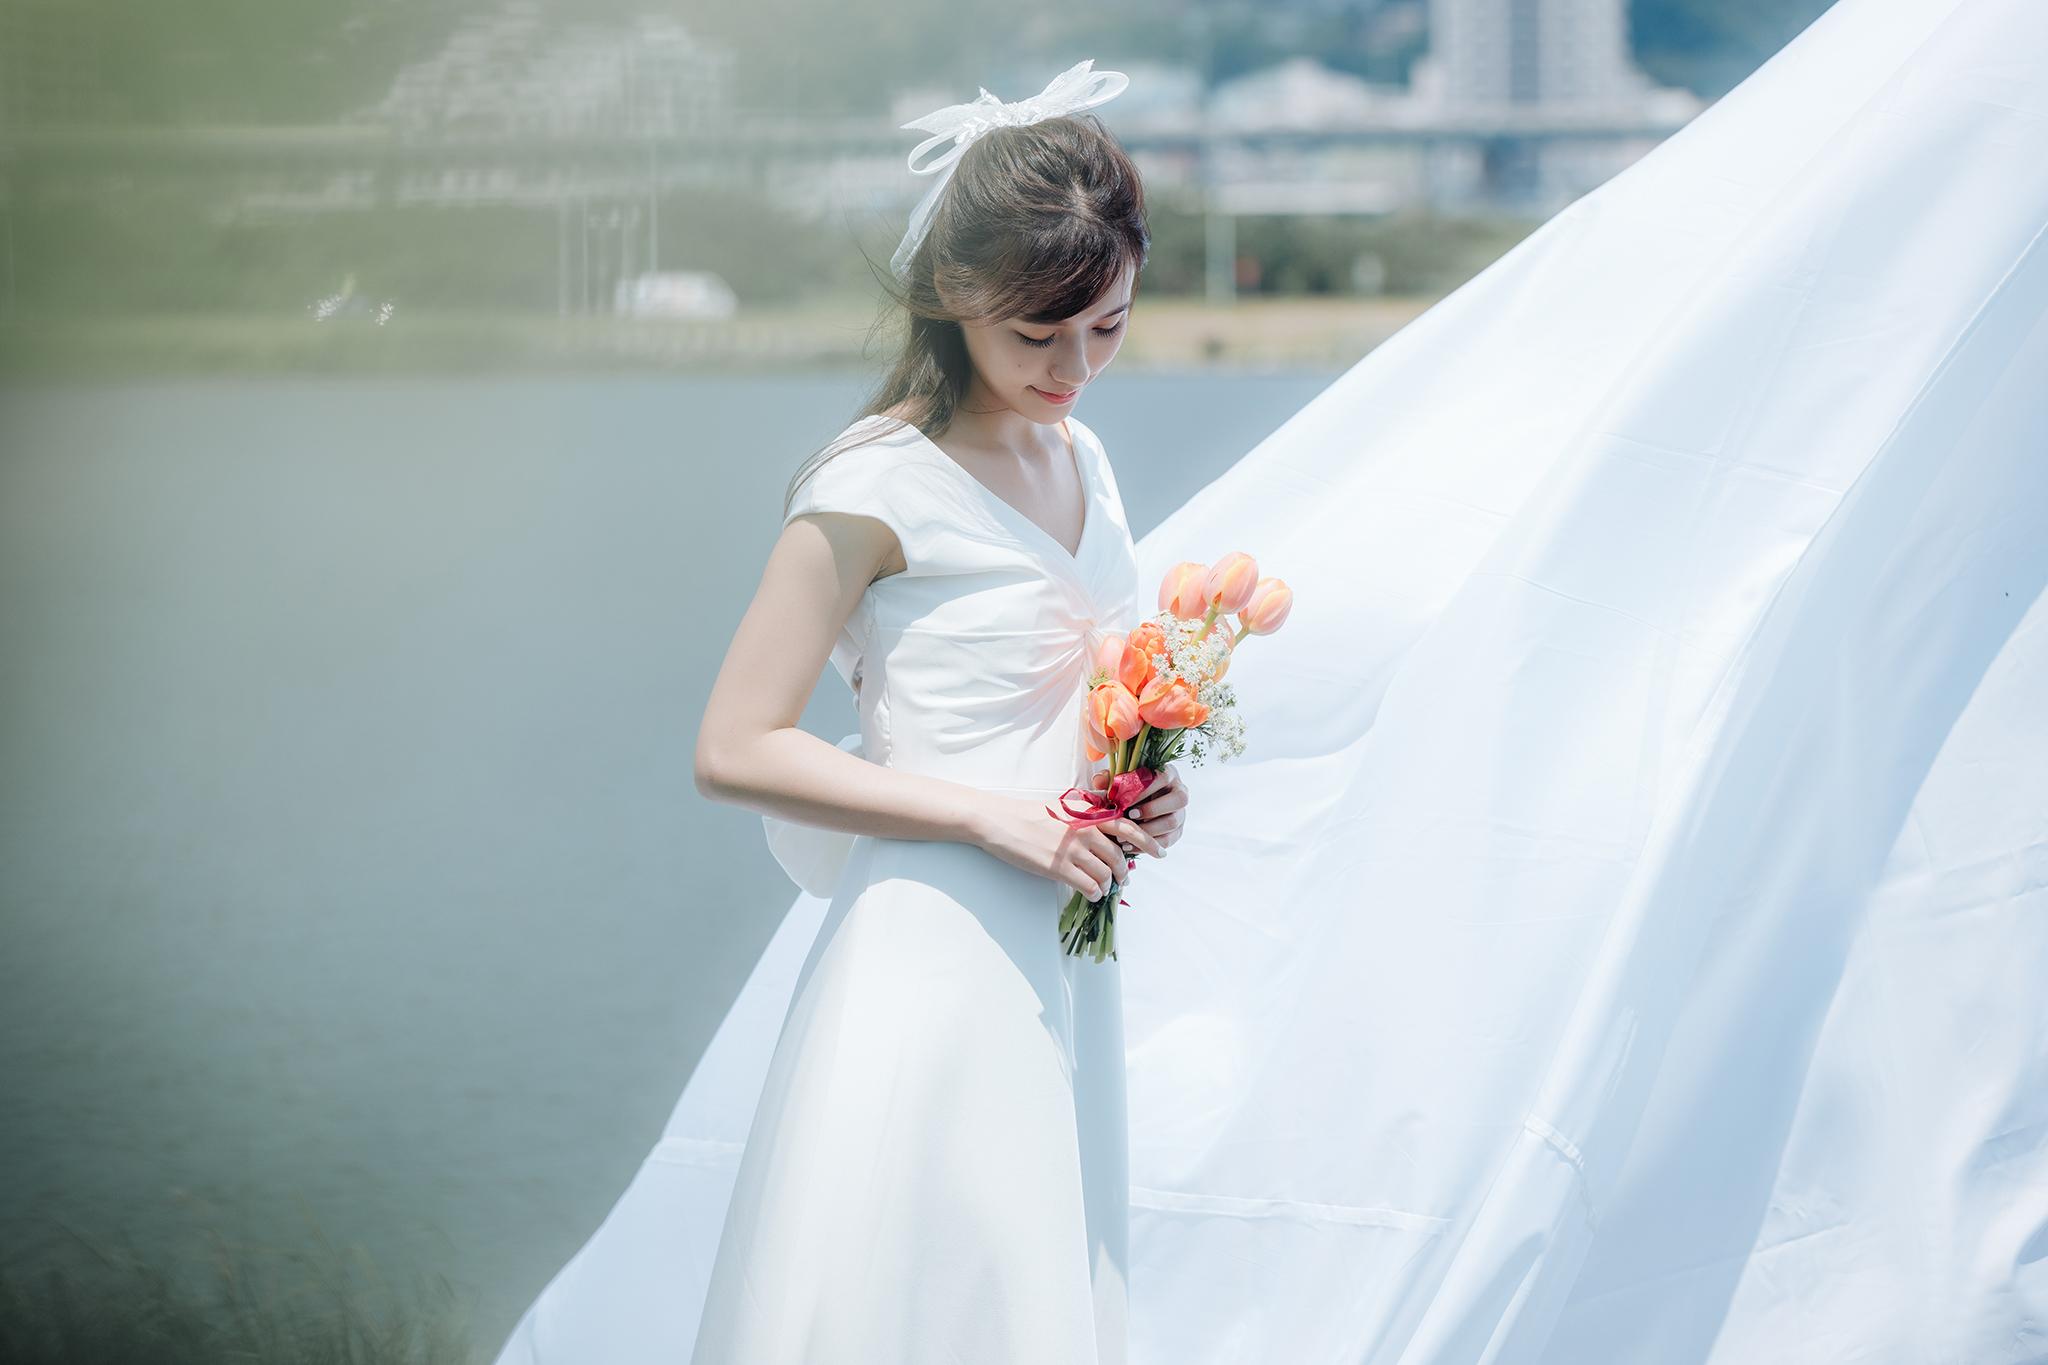 50081458143 929ef5eba9 o - 【自主婚紗】+Mei+